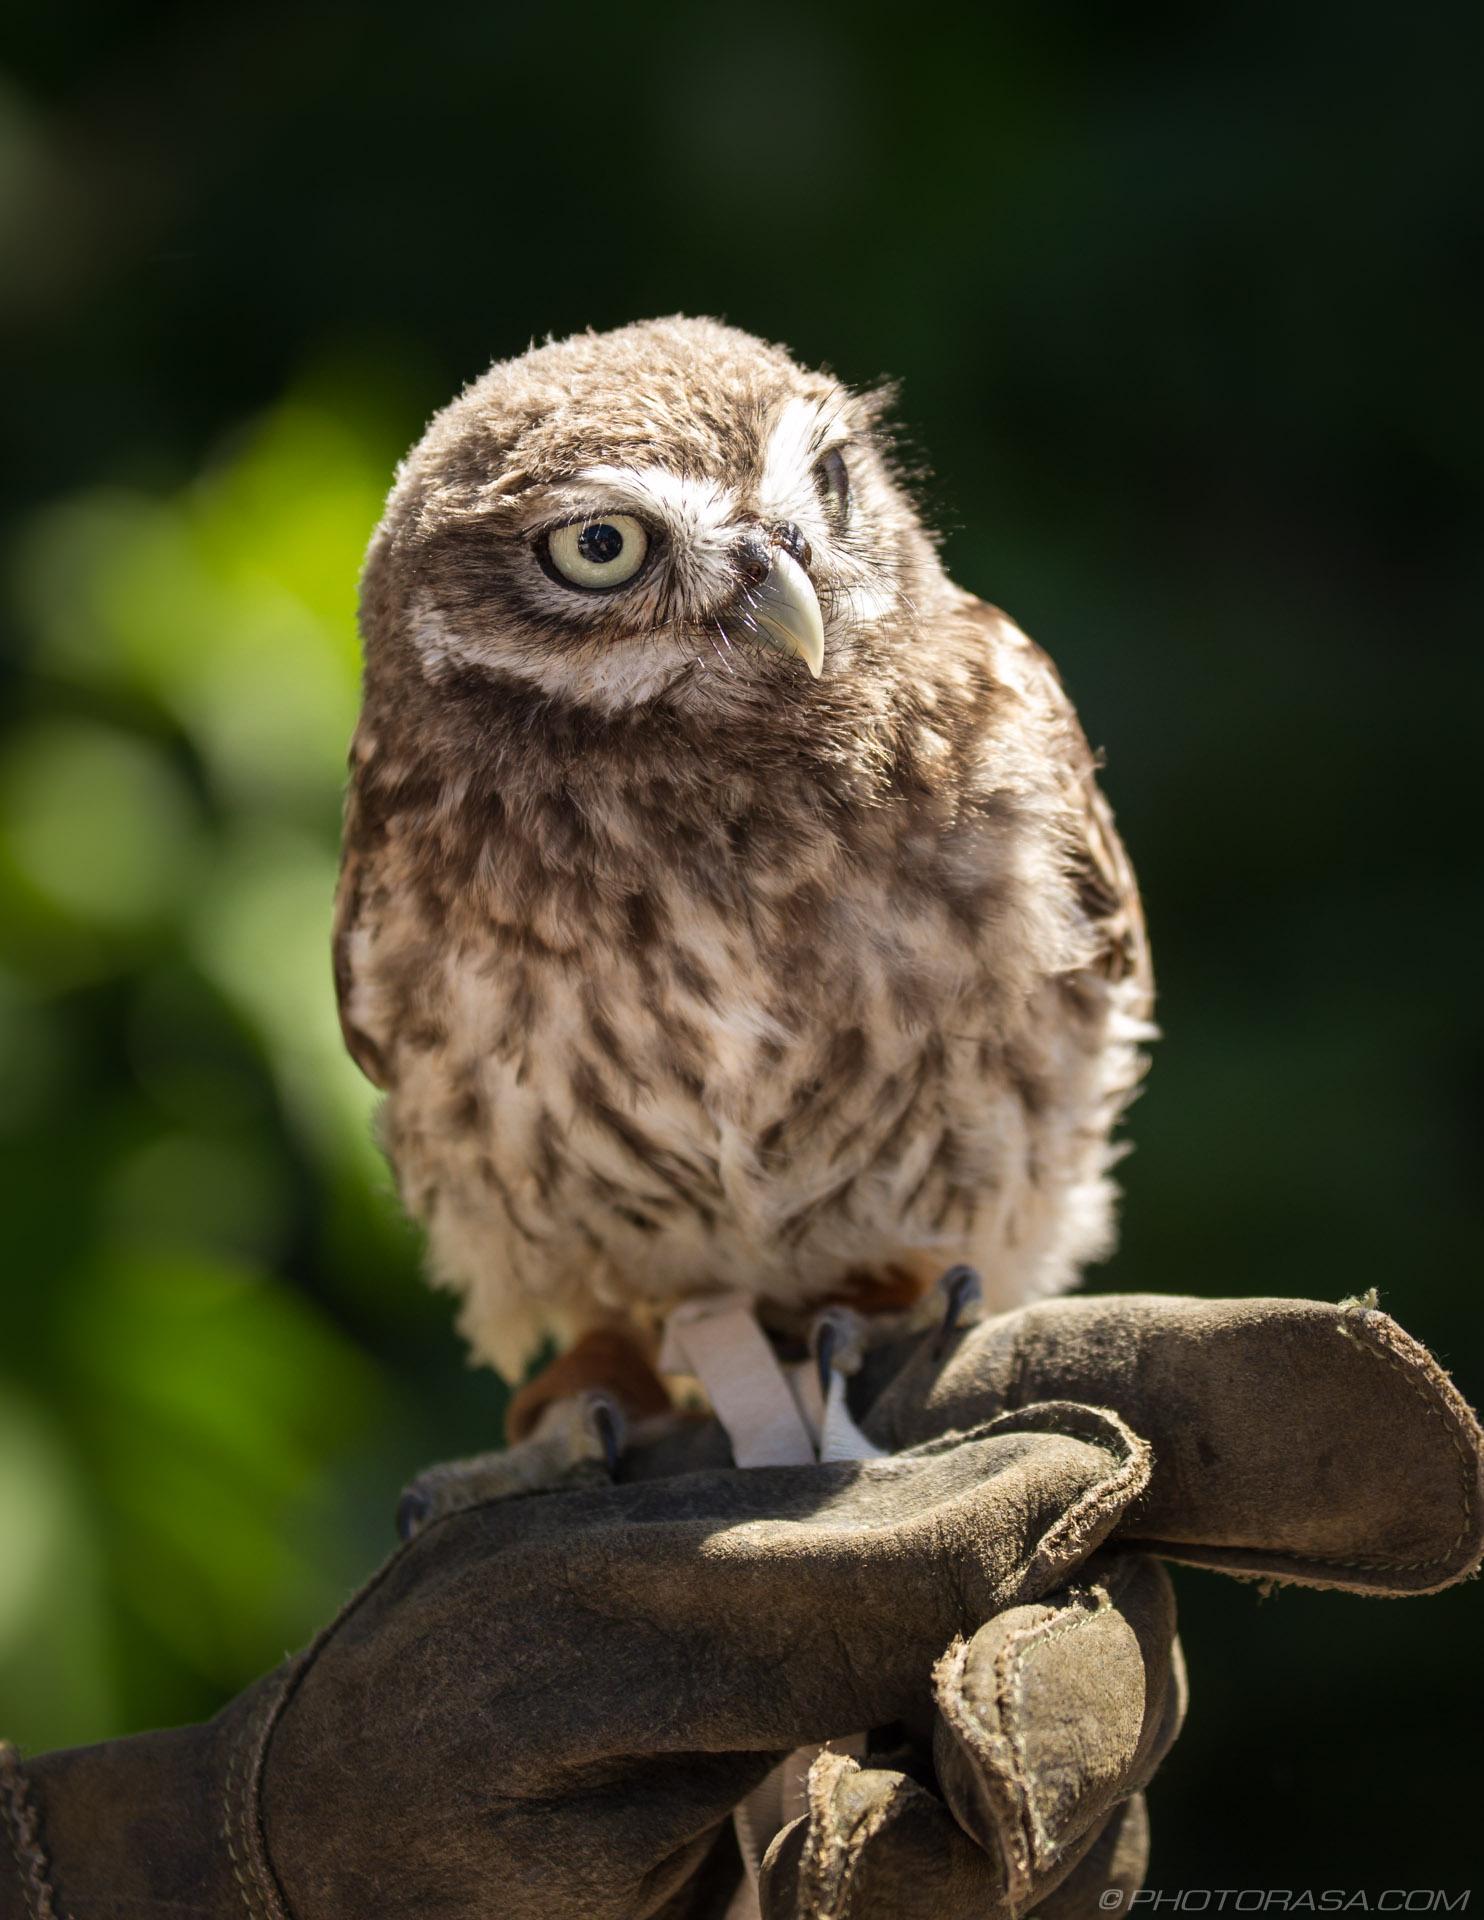 http://photorasa.com/owls/baby-owl/